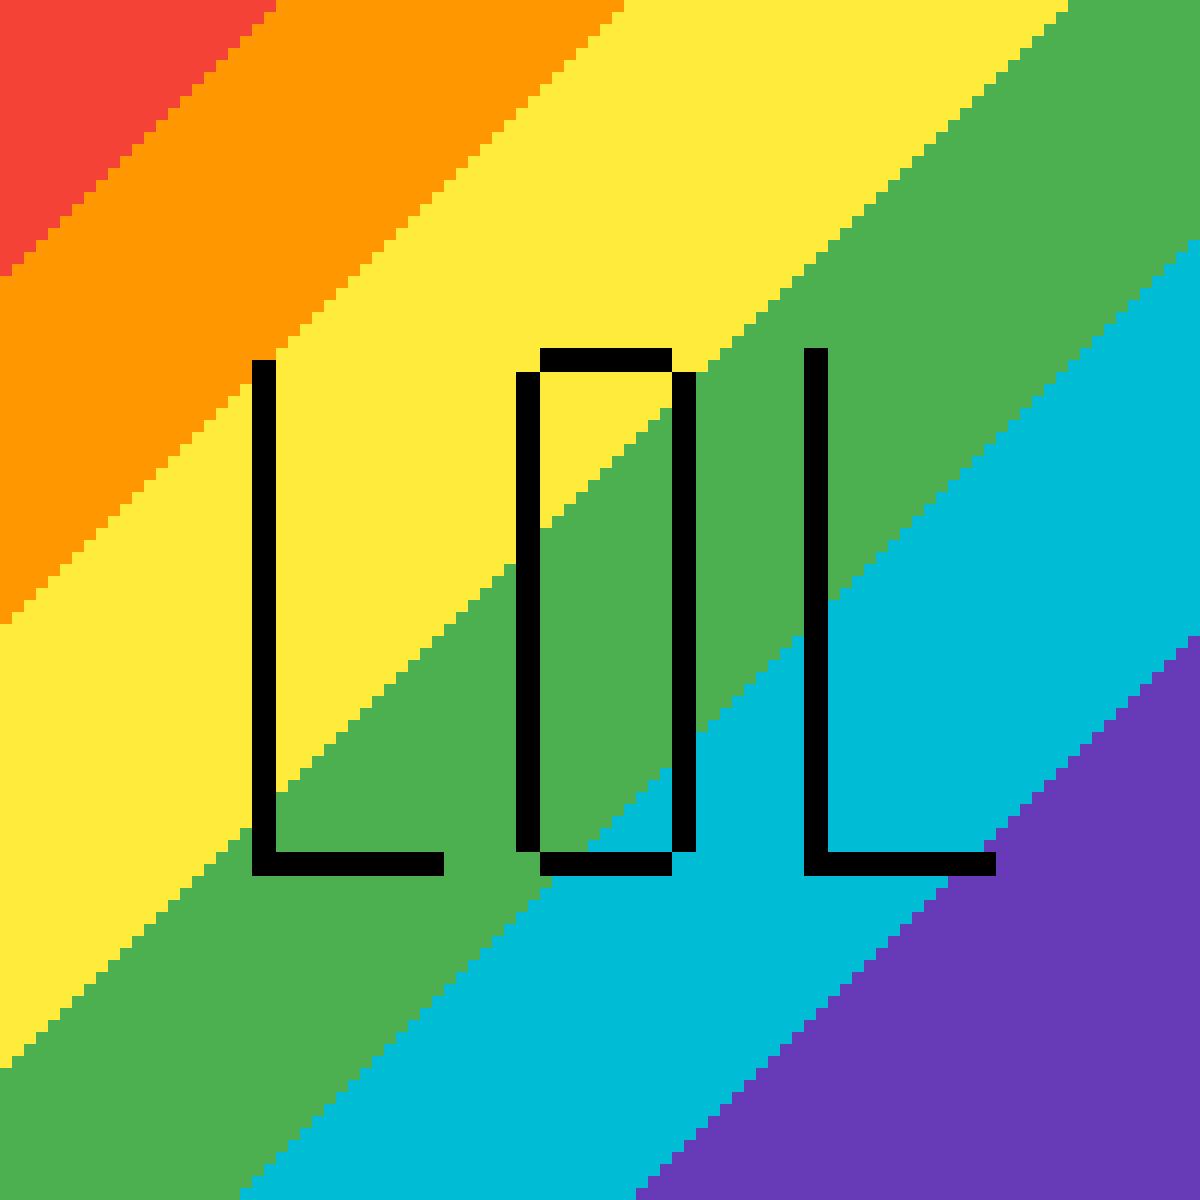 lol by St34lthr